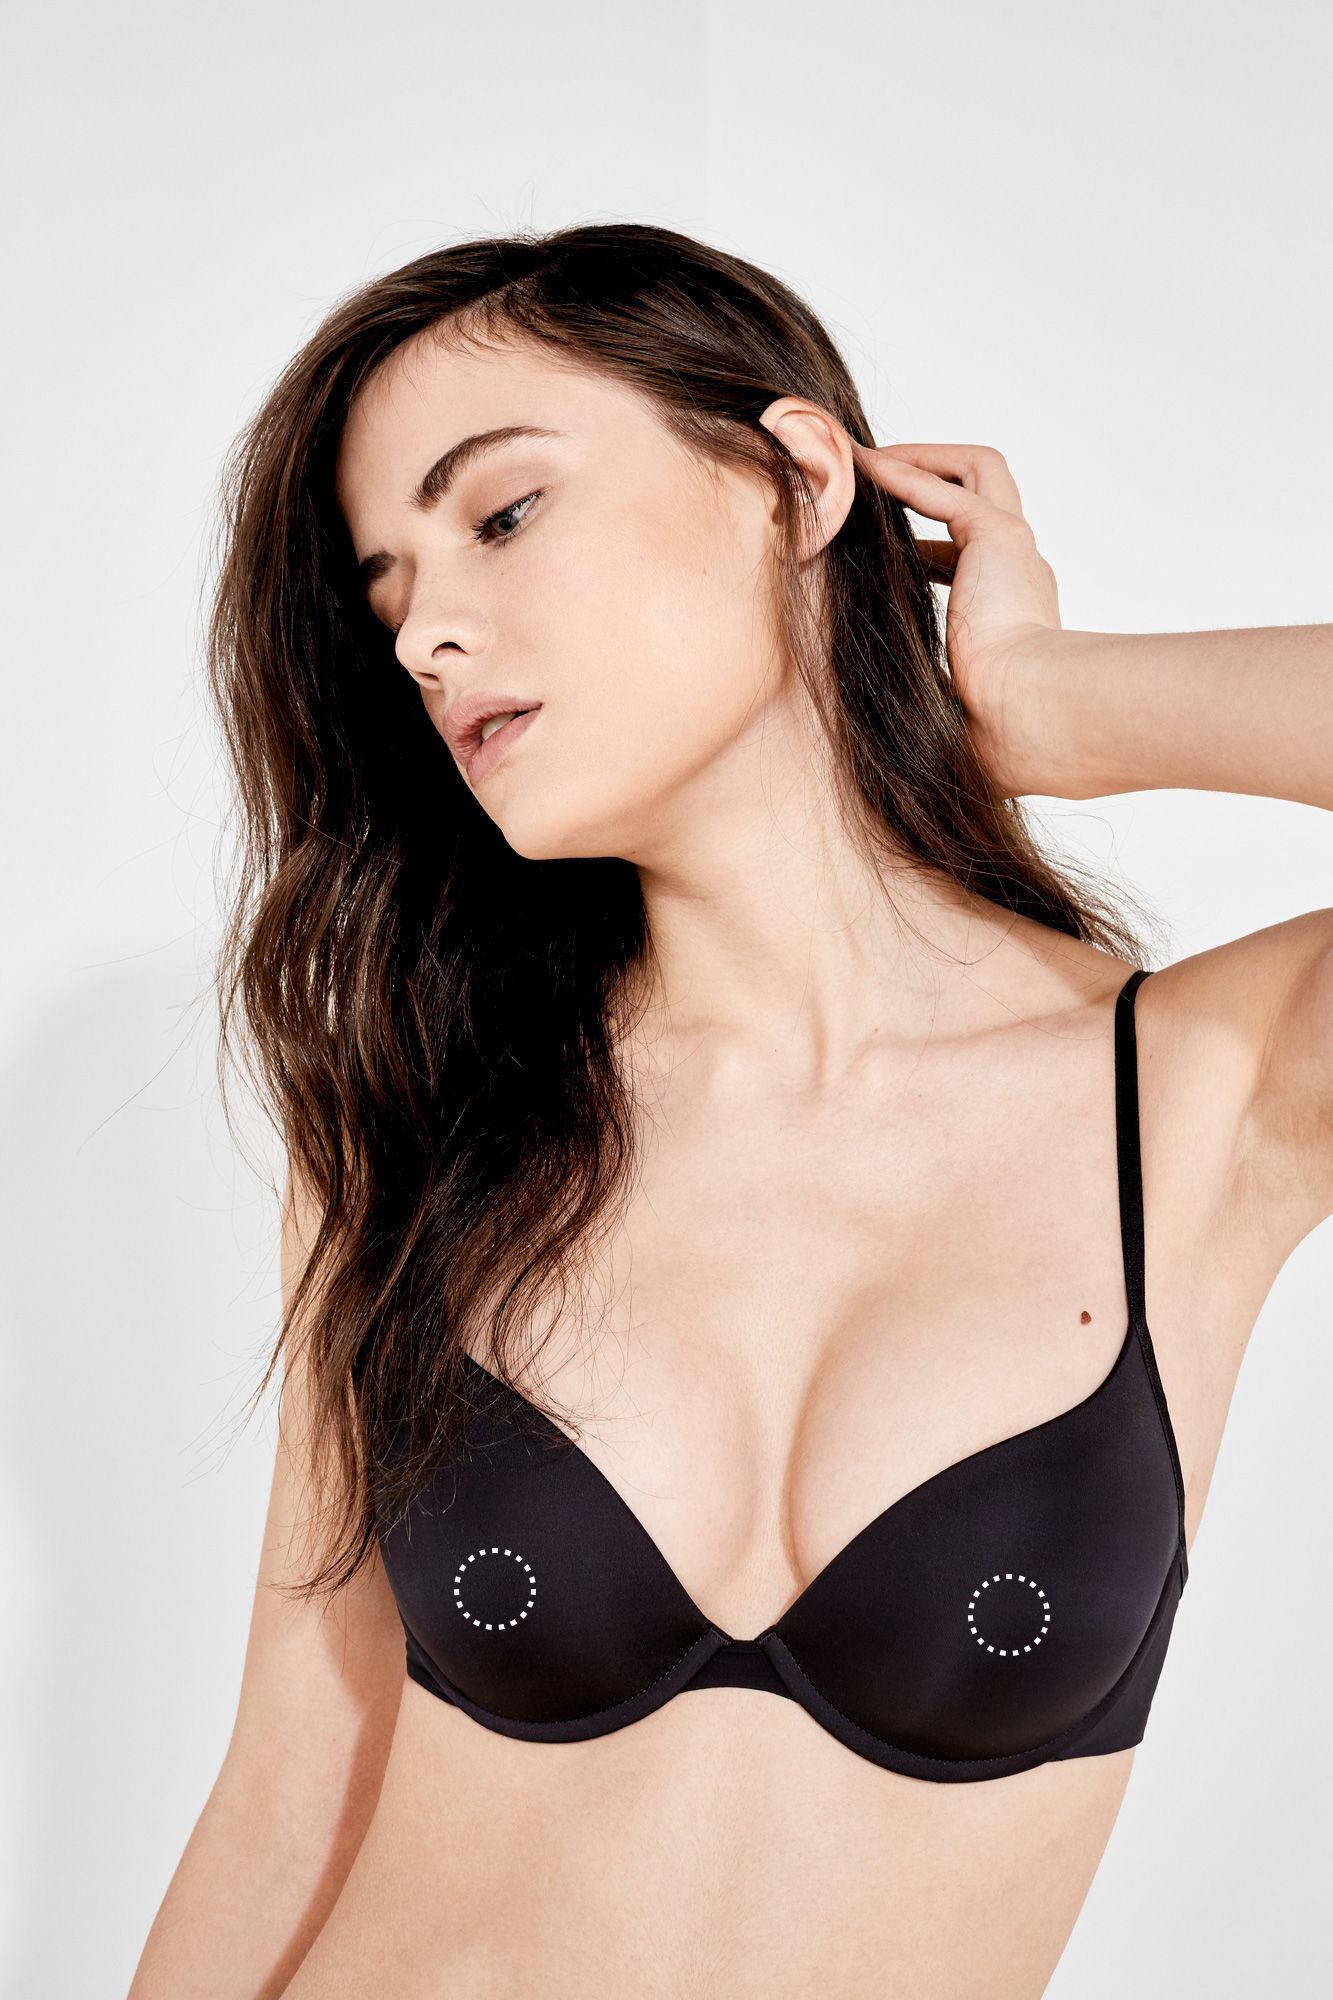 Soft nipple pics